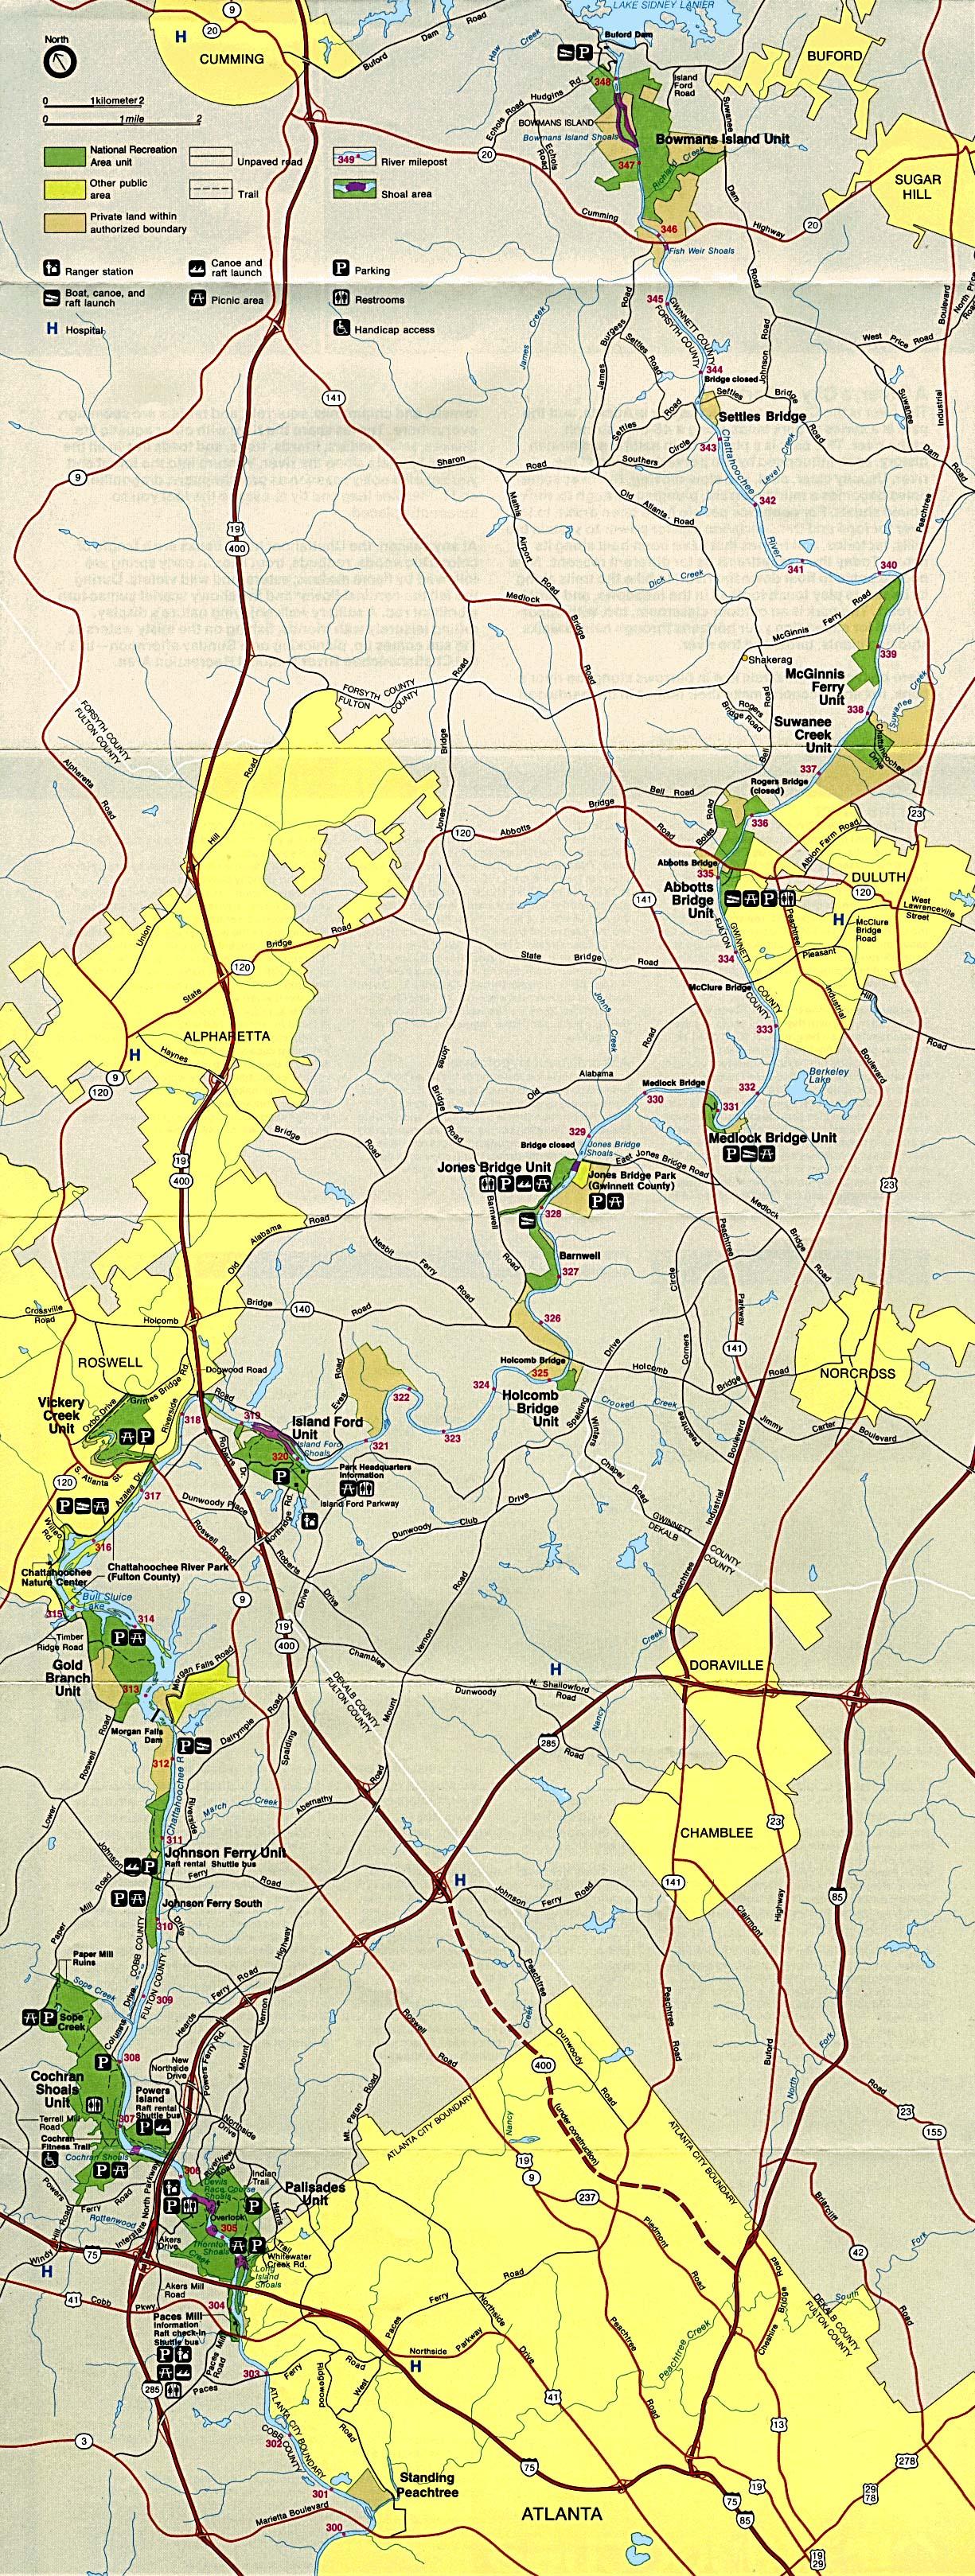 Mapa del Parque del Área Nacional de Recreación Chattahoochee River, Georgia, Estados Unidos